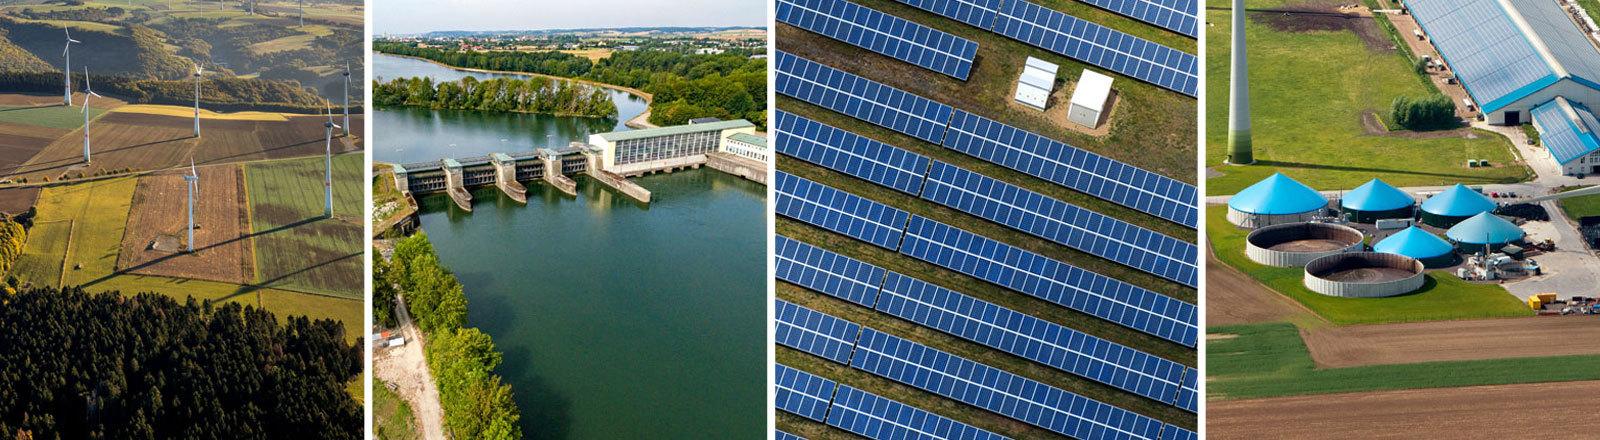 Windräder, Wasserkraftwerk, Solarpark, Biogasanlagen